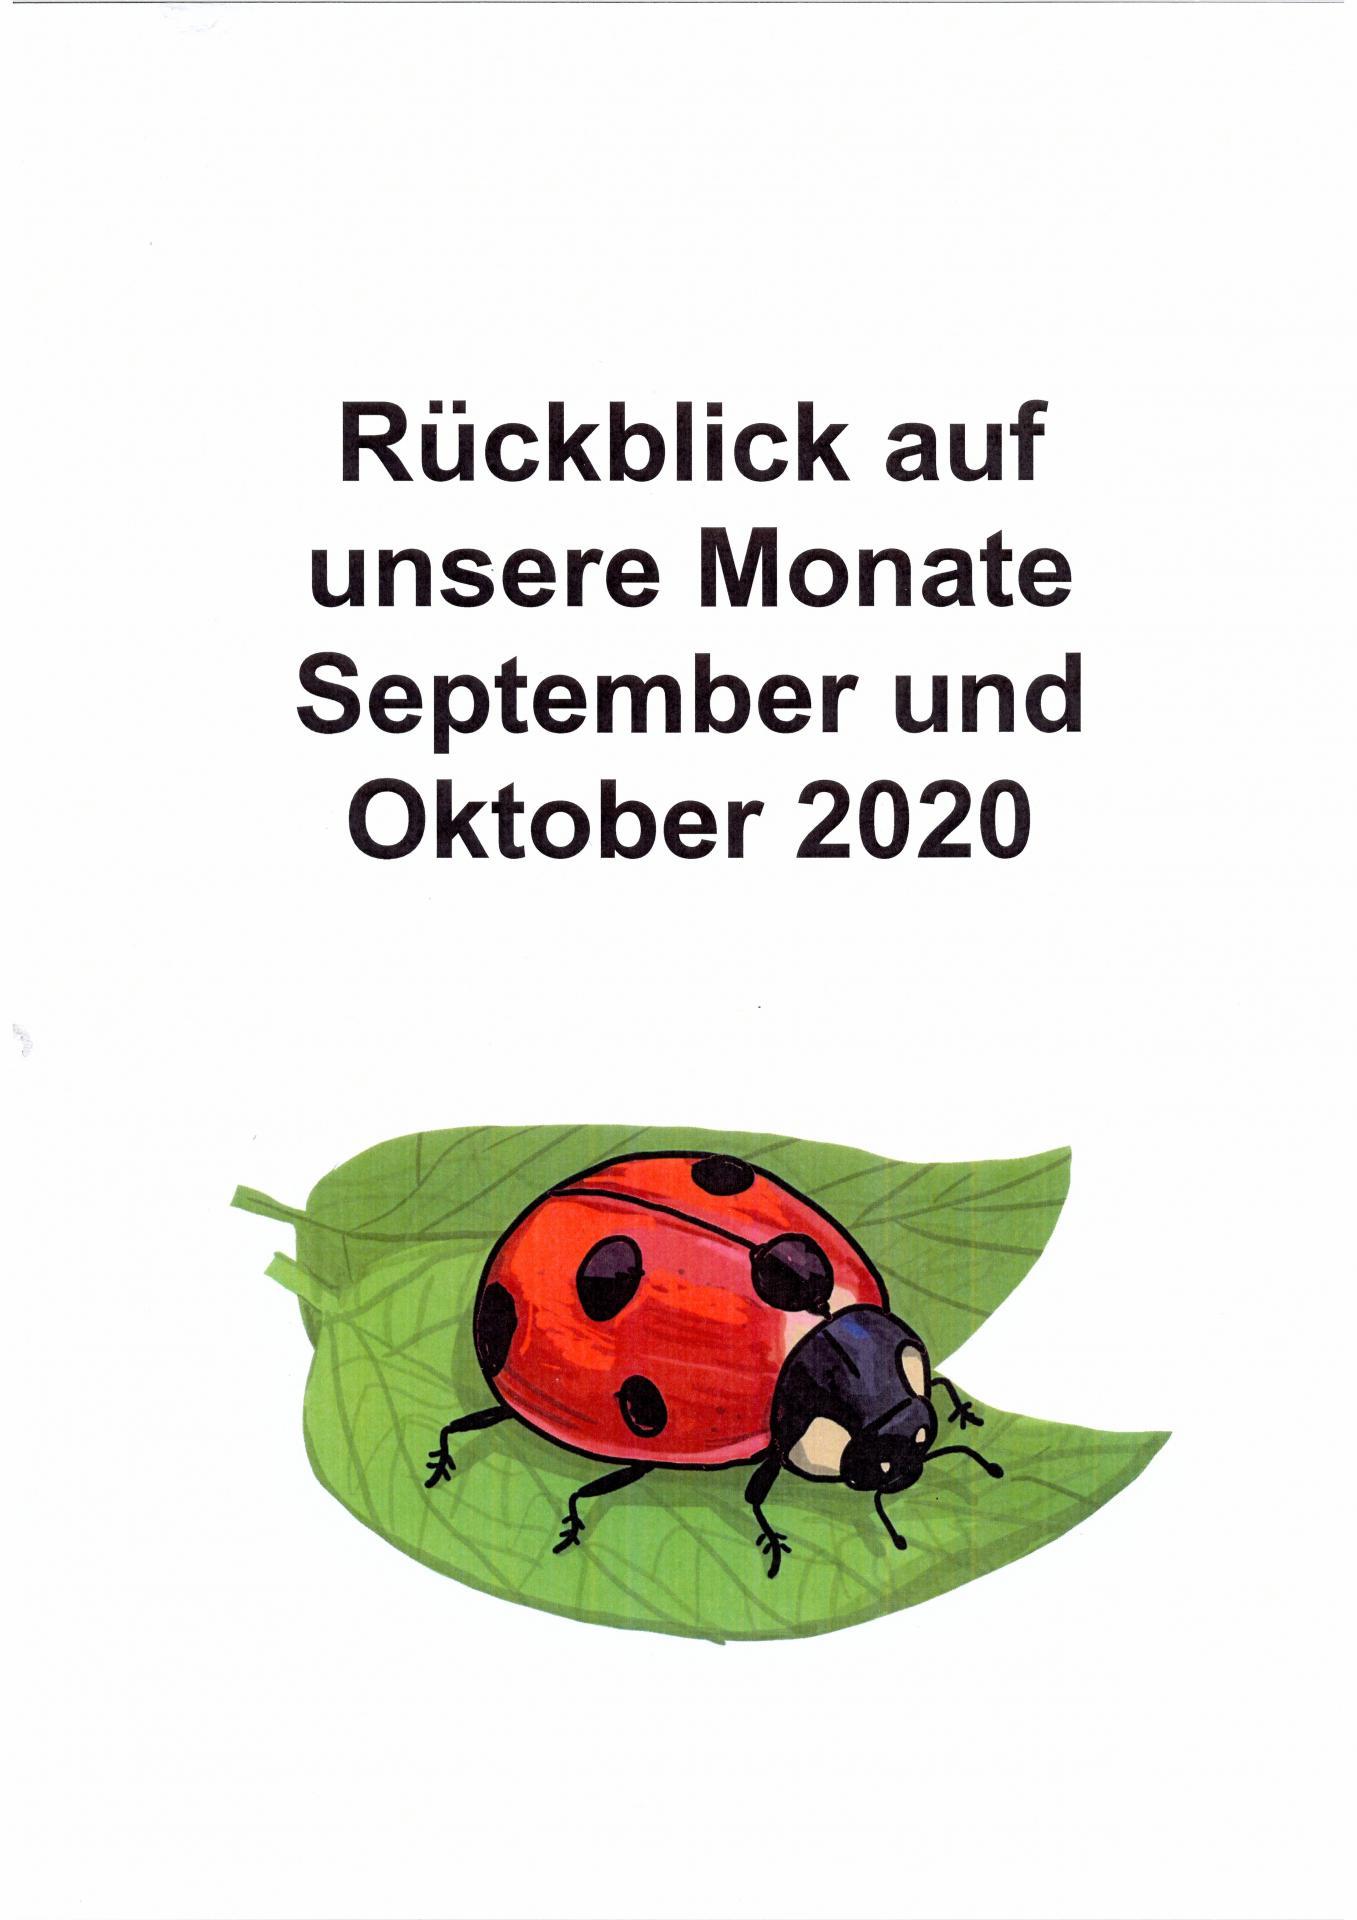 Rückblick Käfergruppe Sept. - okt. -1-